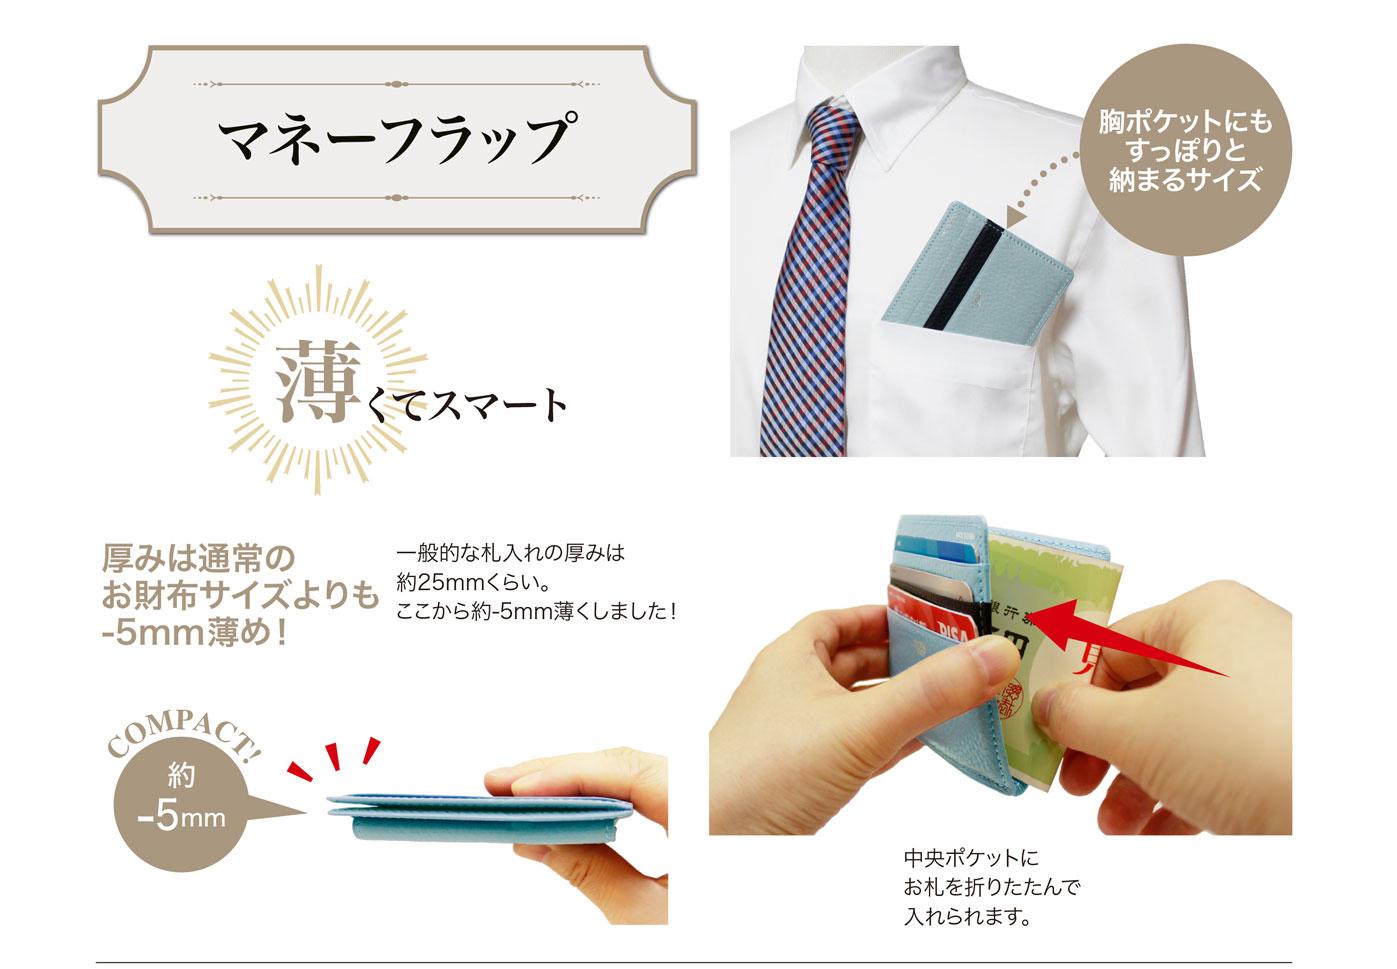 抗菌加工の財布 キプリス ポケウォレ マネーフラップ 薄くてスマート。胸ポケットにもすっぽりと納まるサイズ。厚さは約5mmで中央ポケットにお札を折りたたんで入れられます。